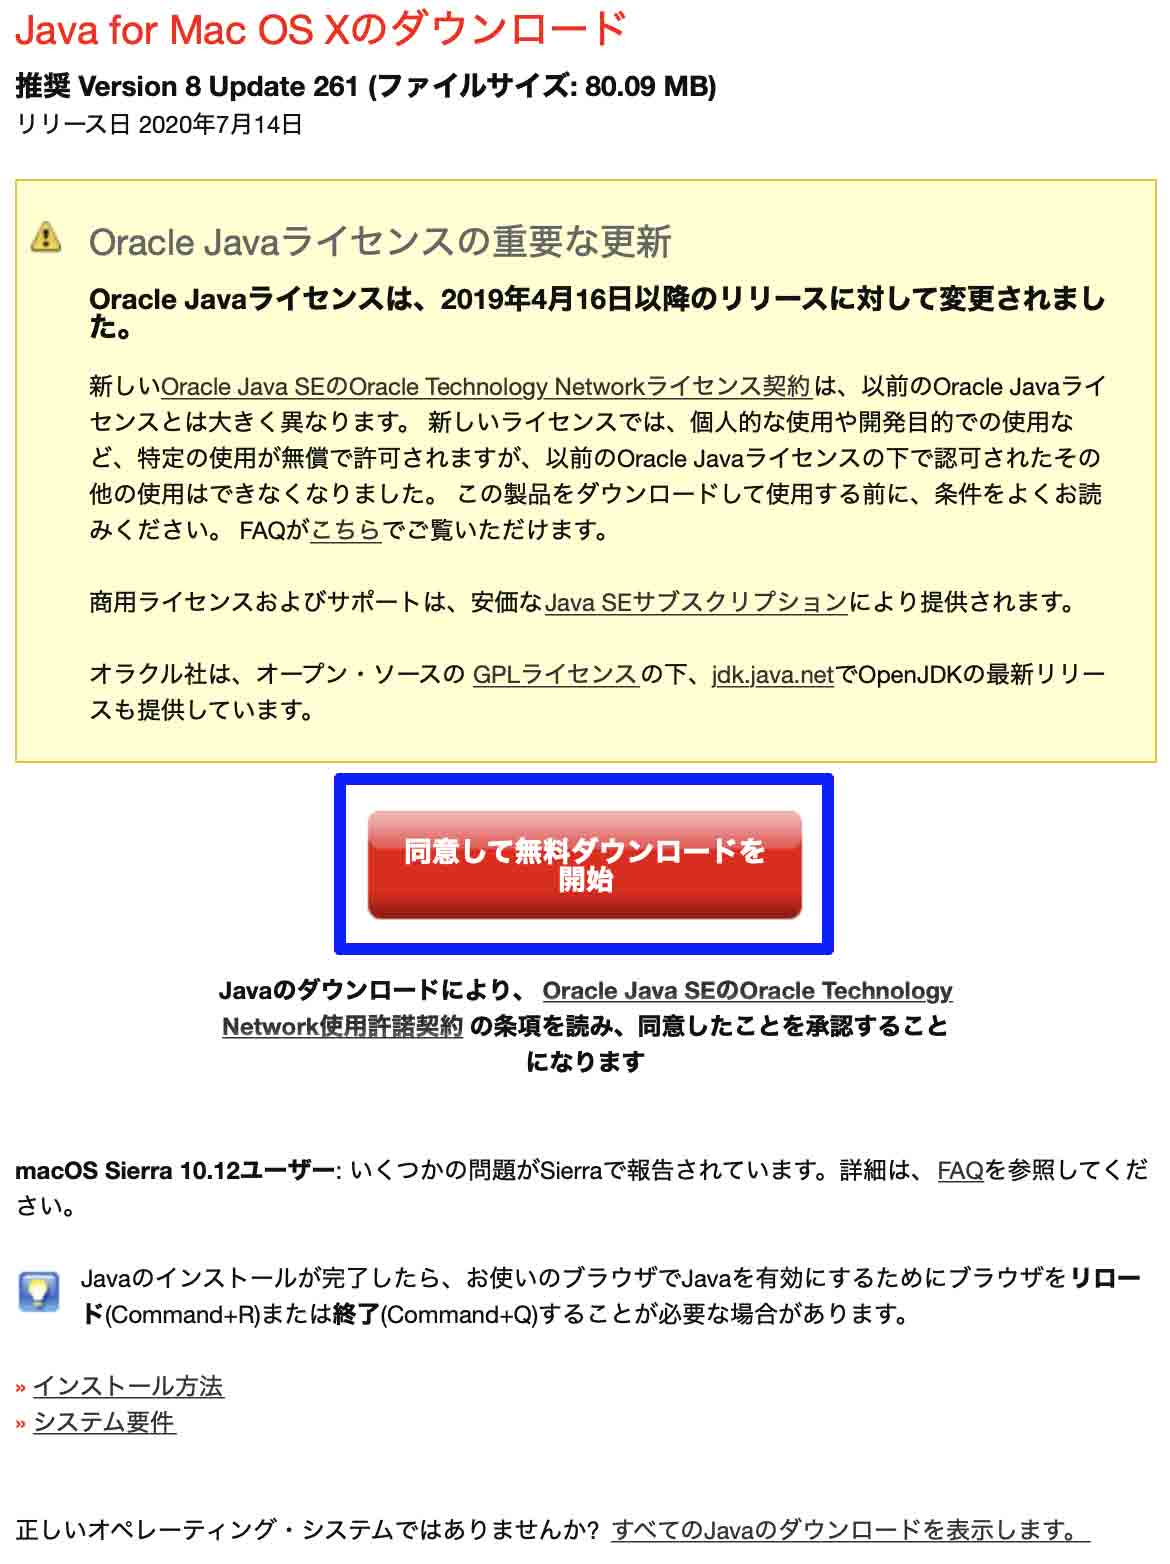 Java ダウンロード